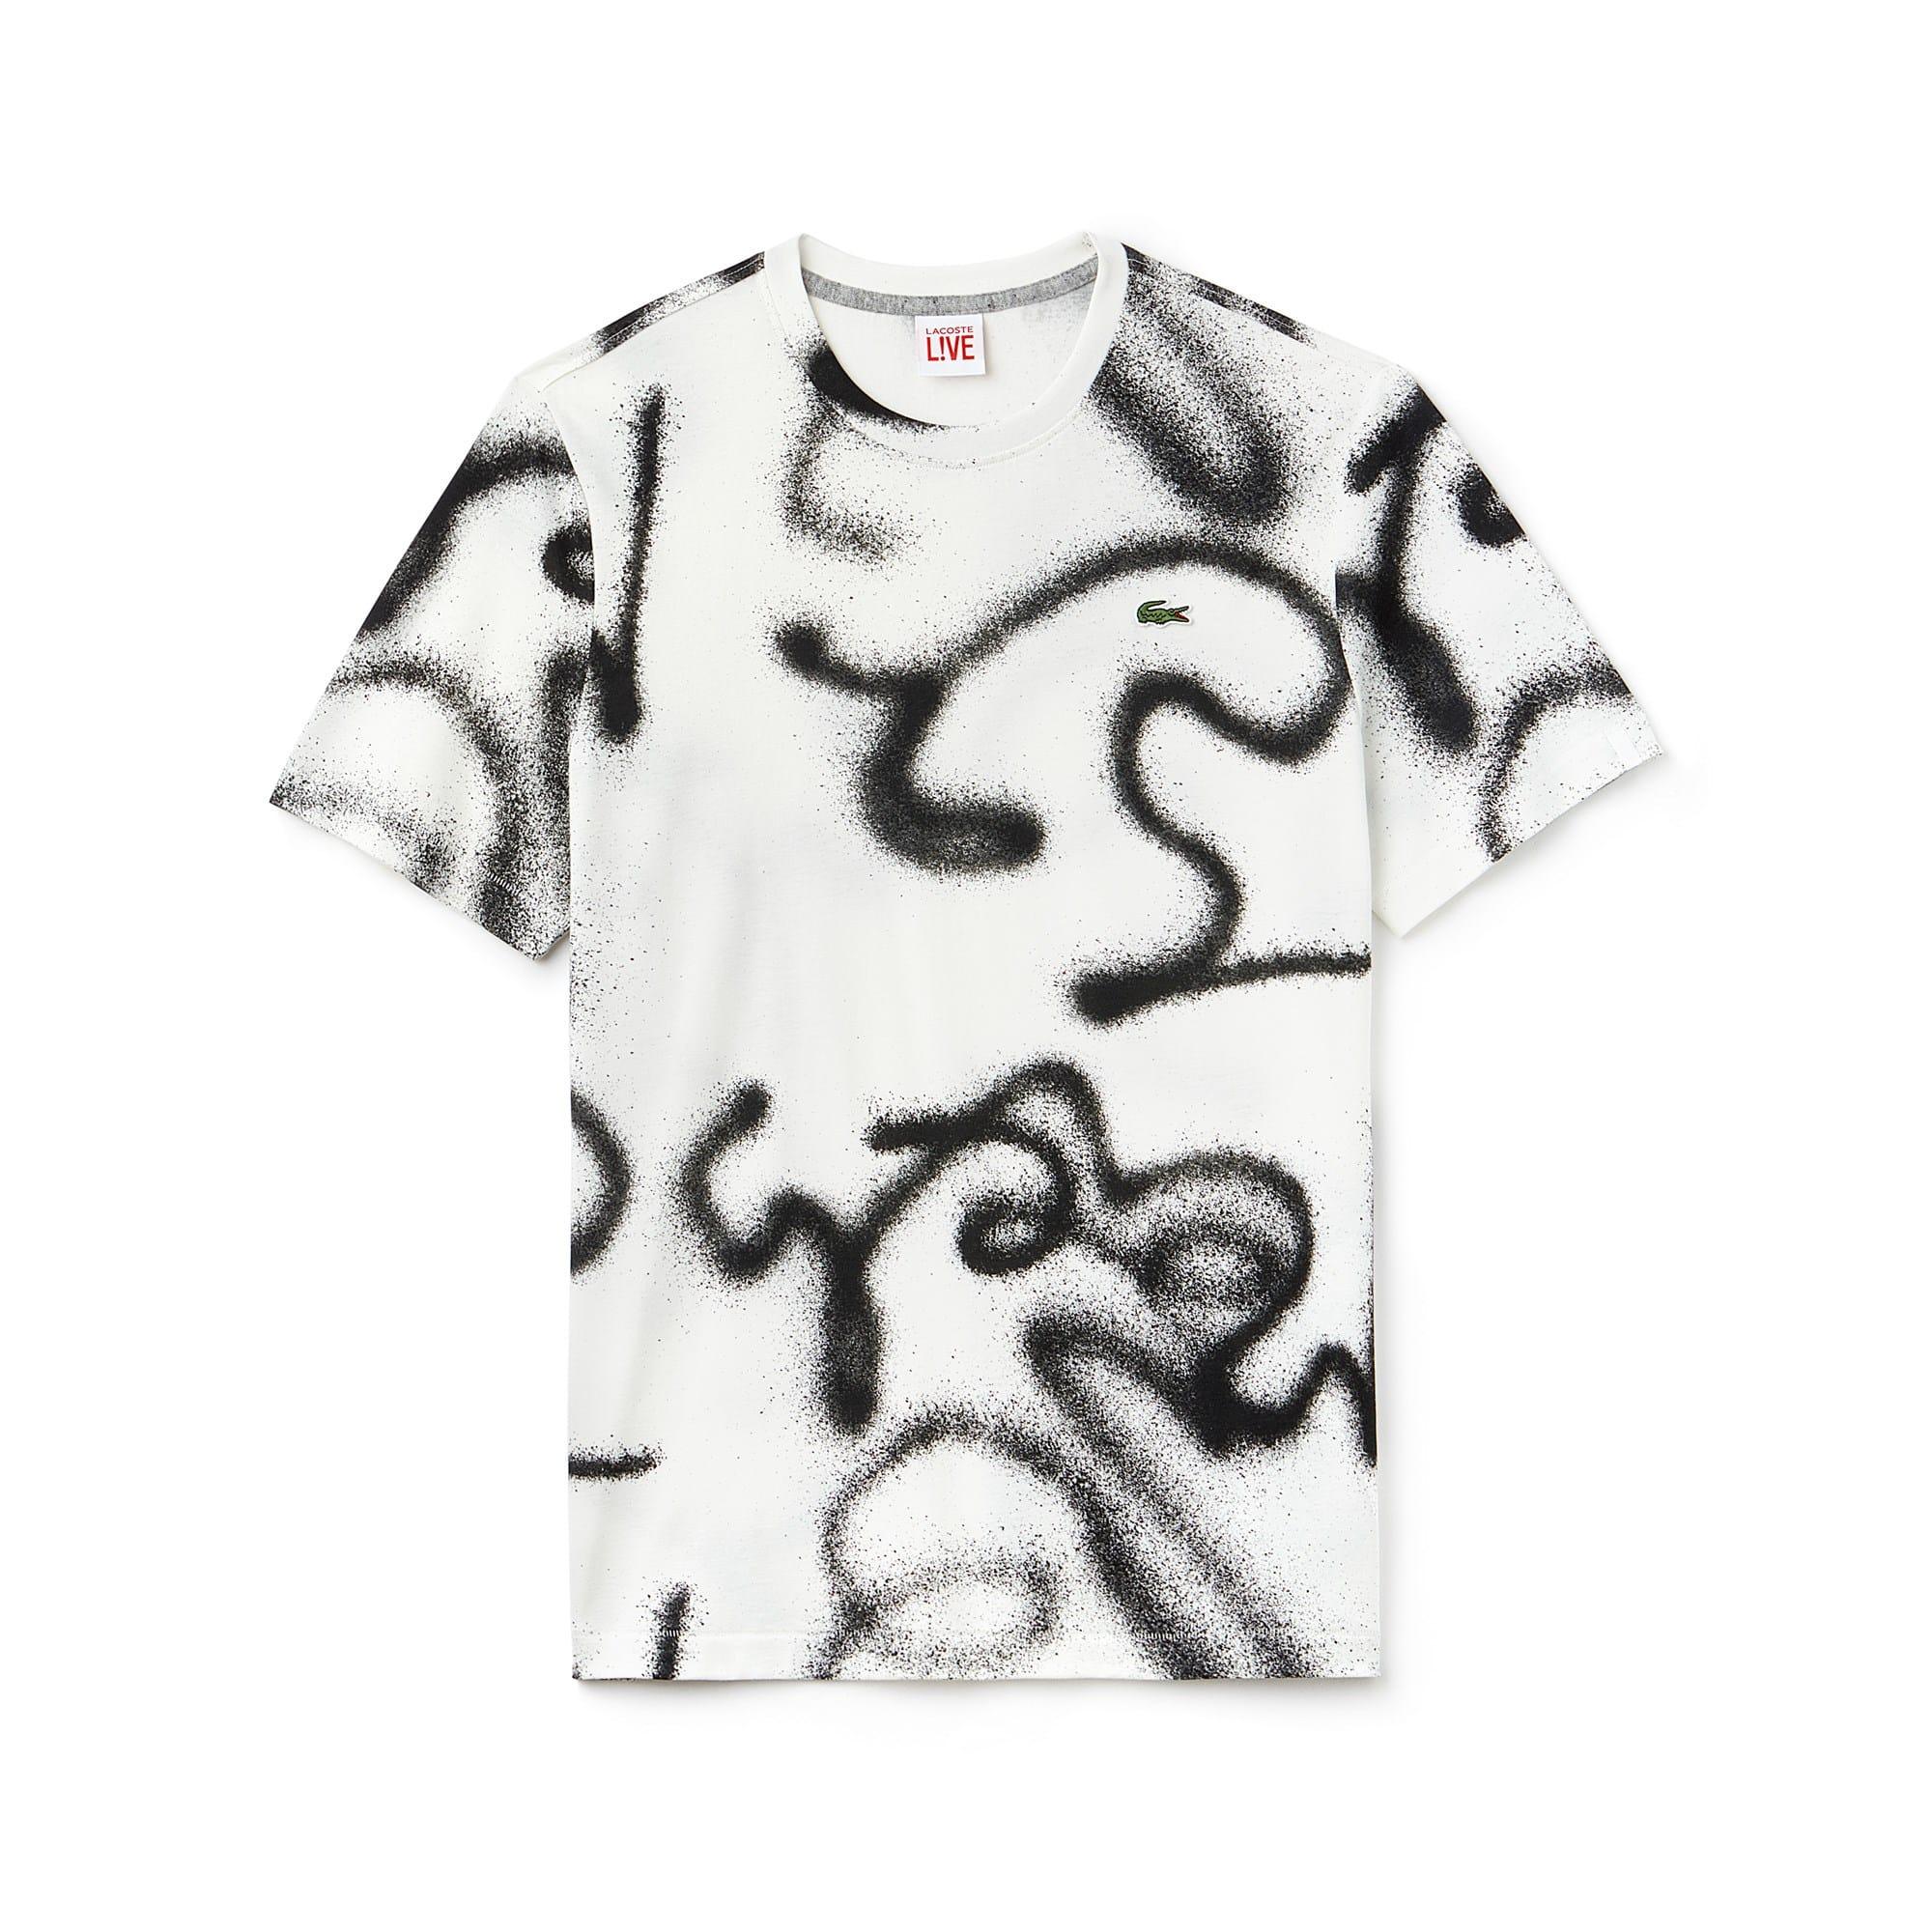 T-shirt com decote redondo Lacoste LIVE em jersey com impressão grafites